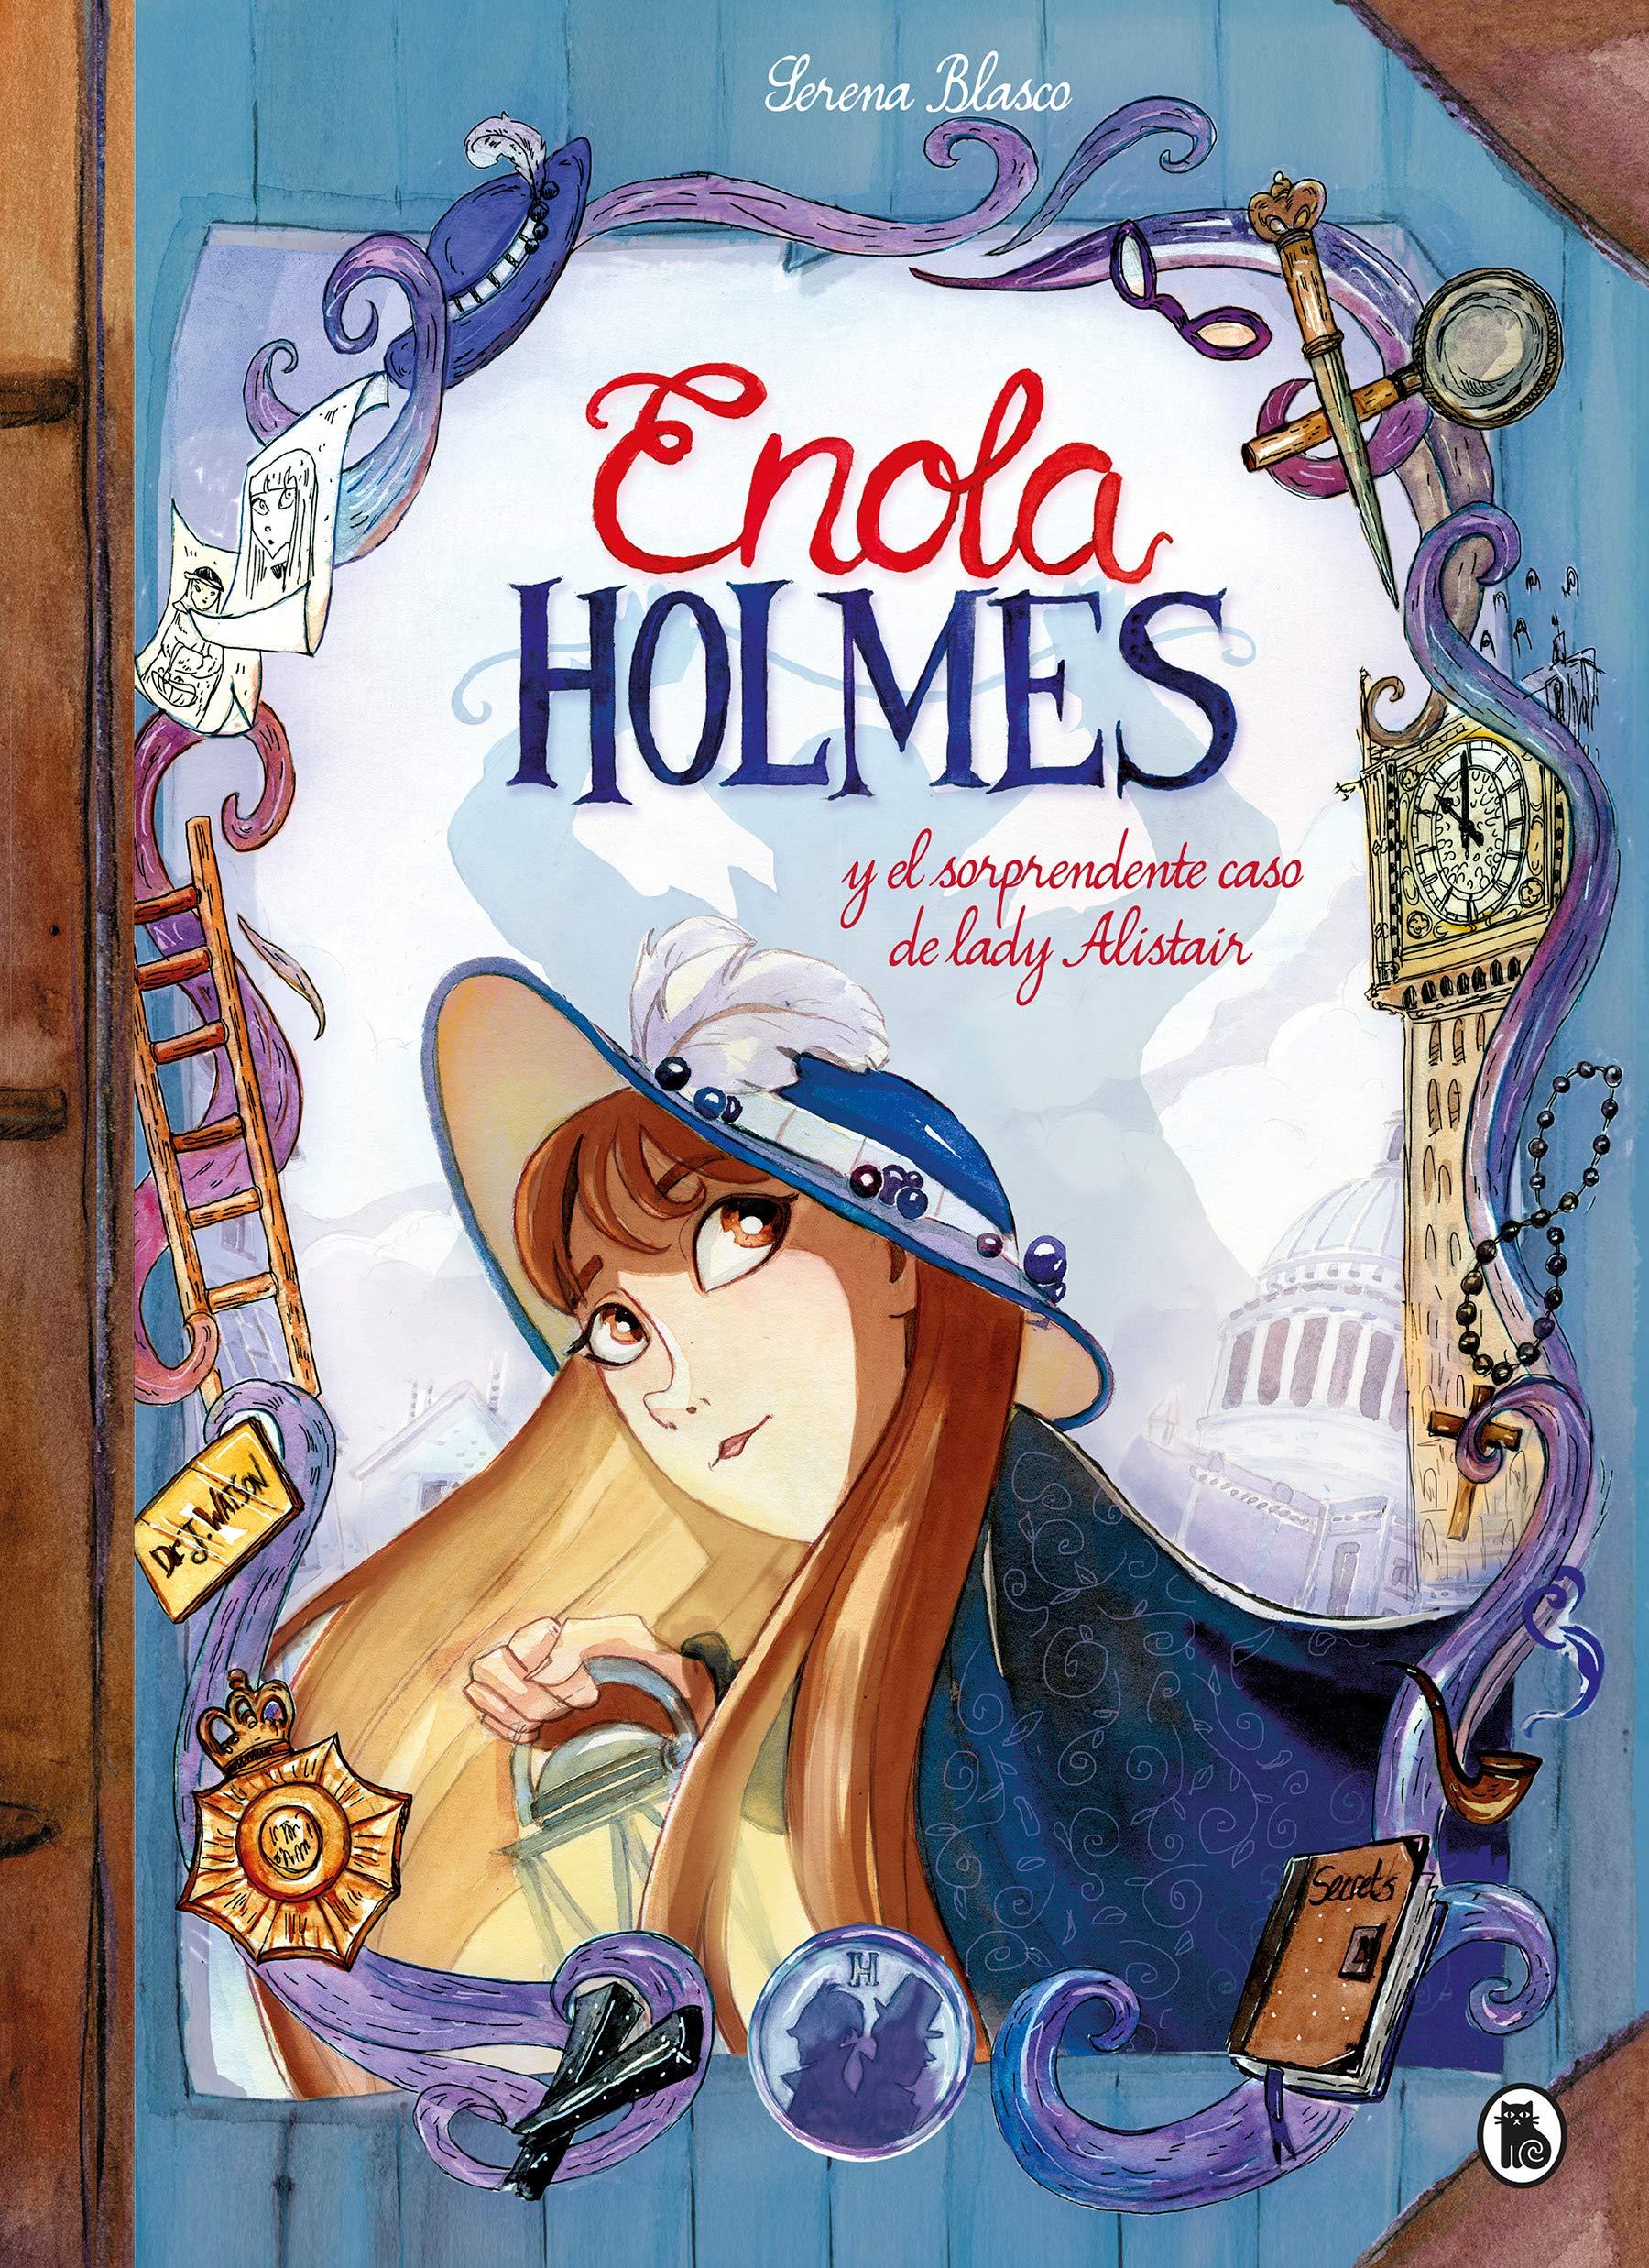 Enola Holmes y el sorprendente caso de Lady Alistar